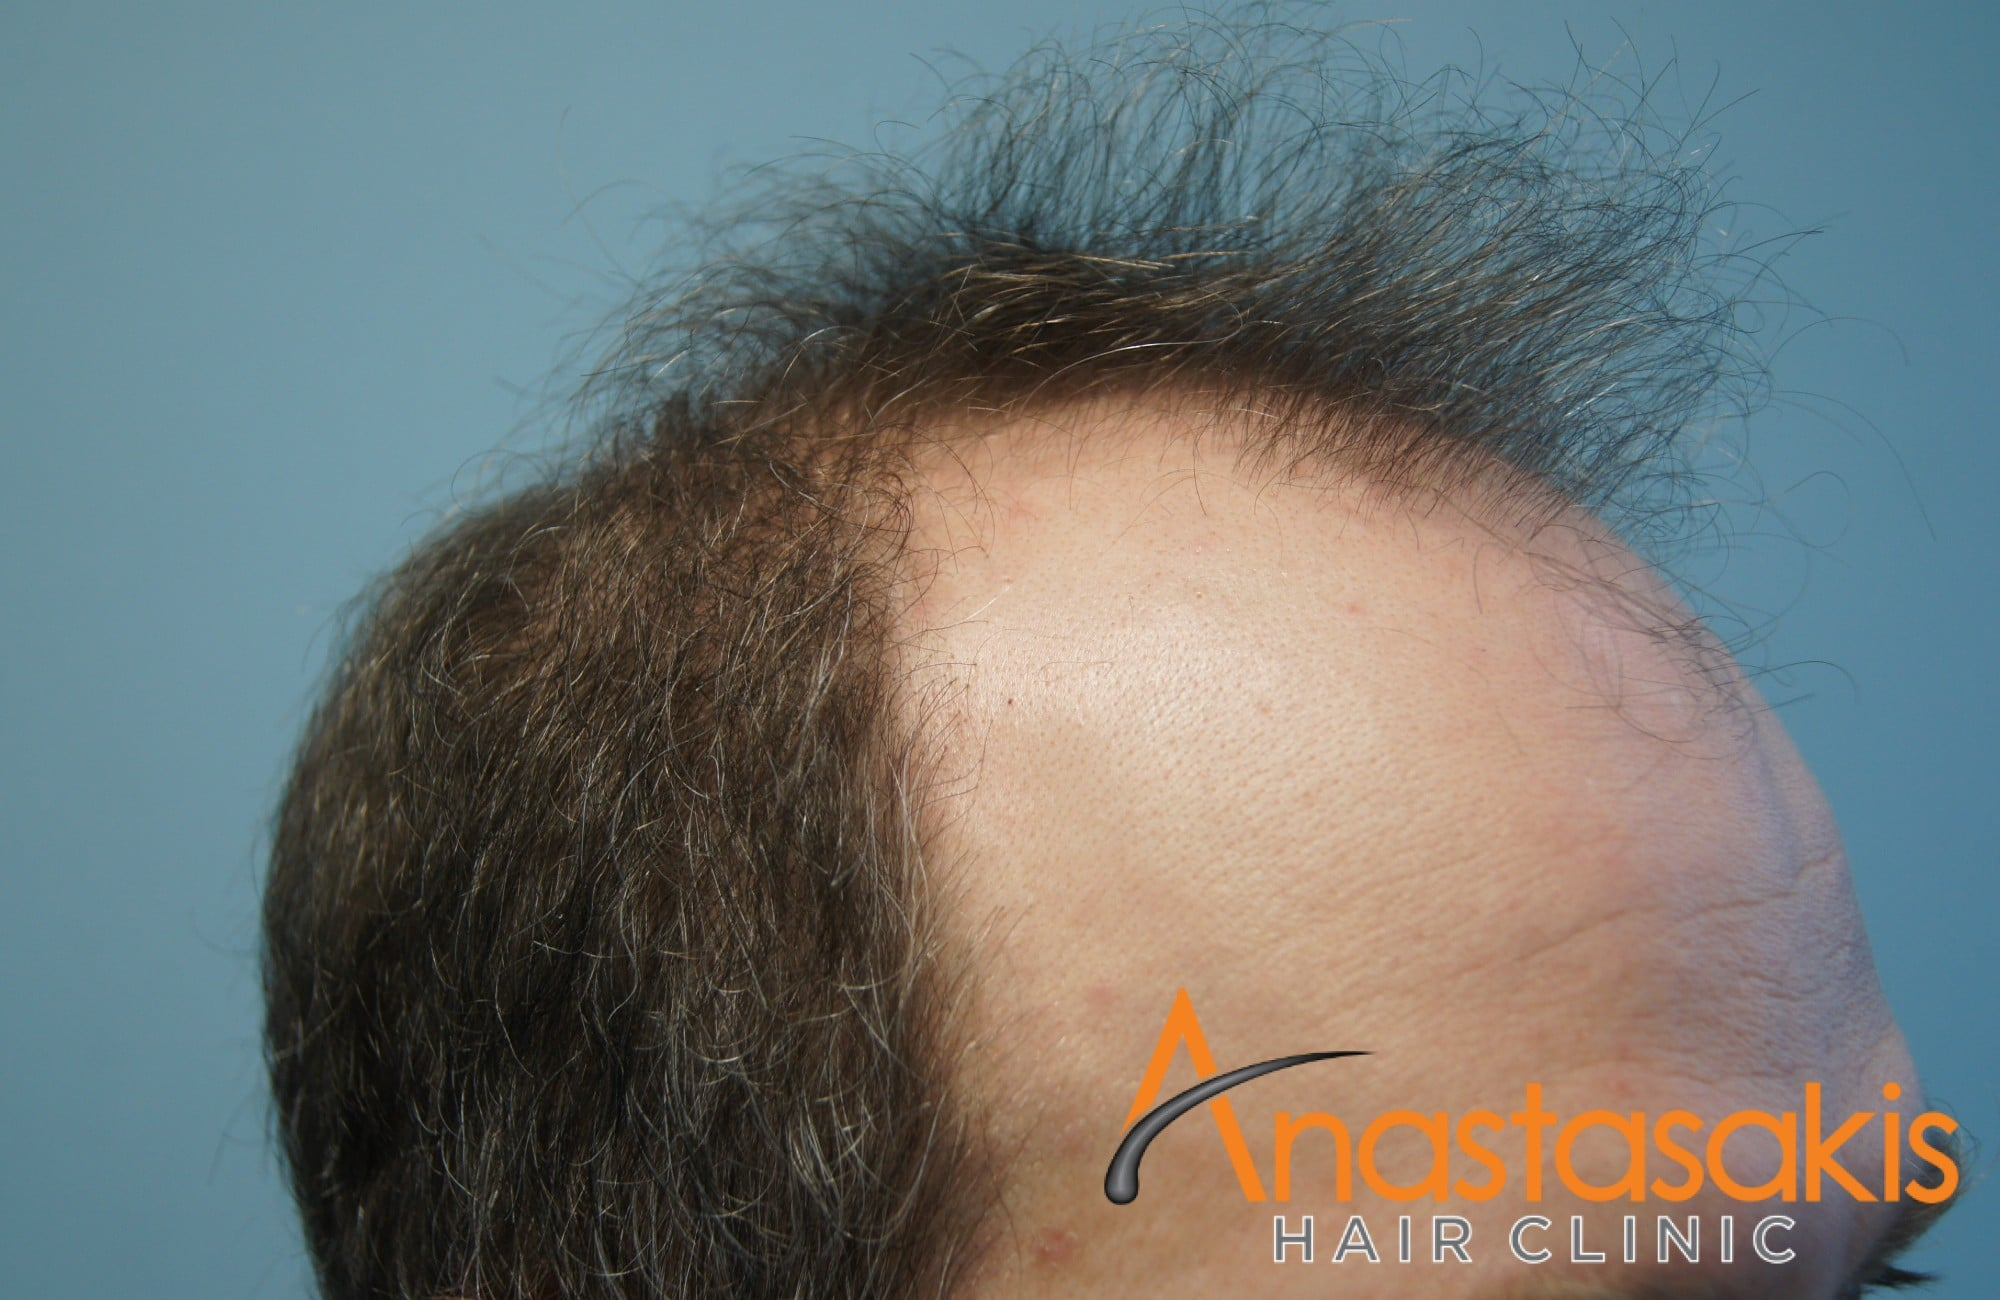 περιστατικο με 3500 fus - πριν τη μεταμόσχευση μαλλιών - δεξης κροταφος